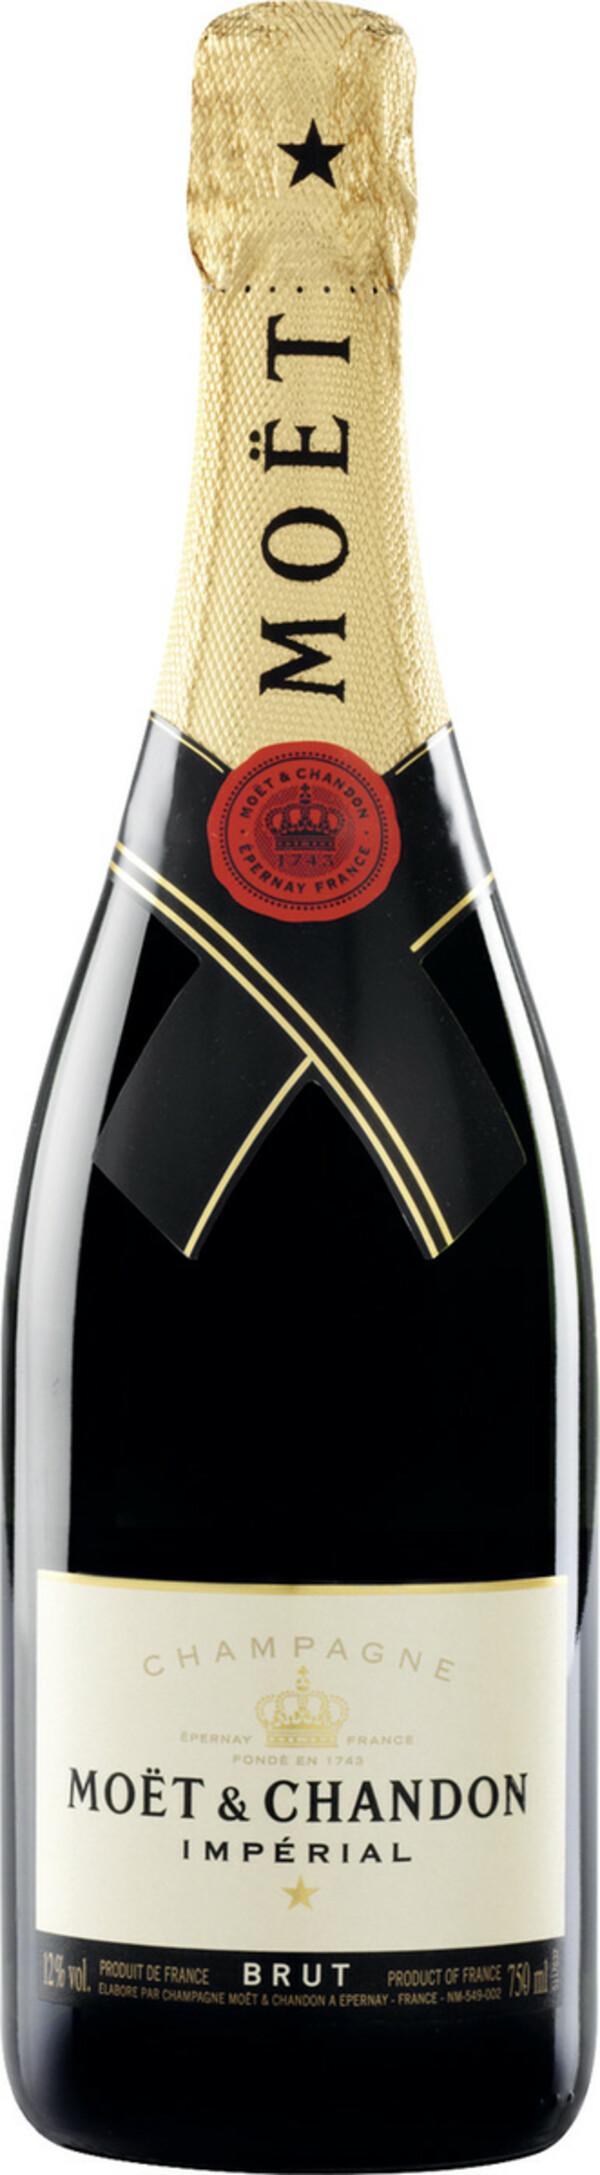 Moët & Chandon Champagner Brut Imperial 0,75 ltr